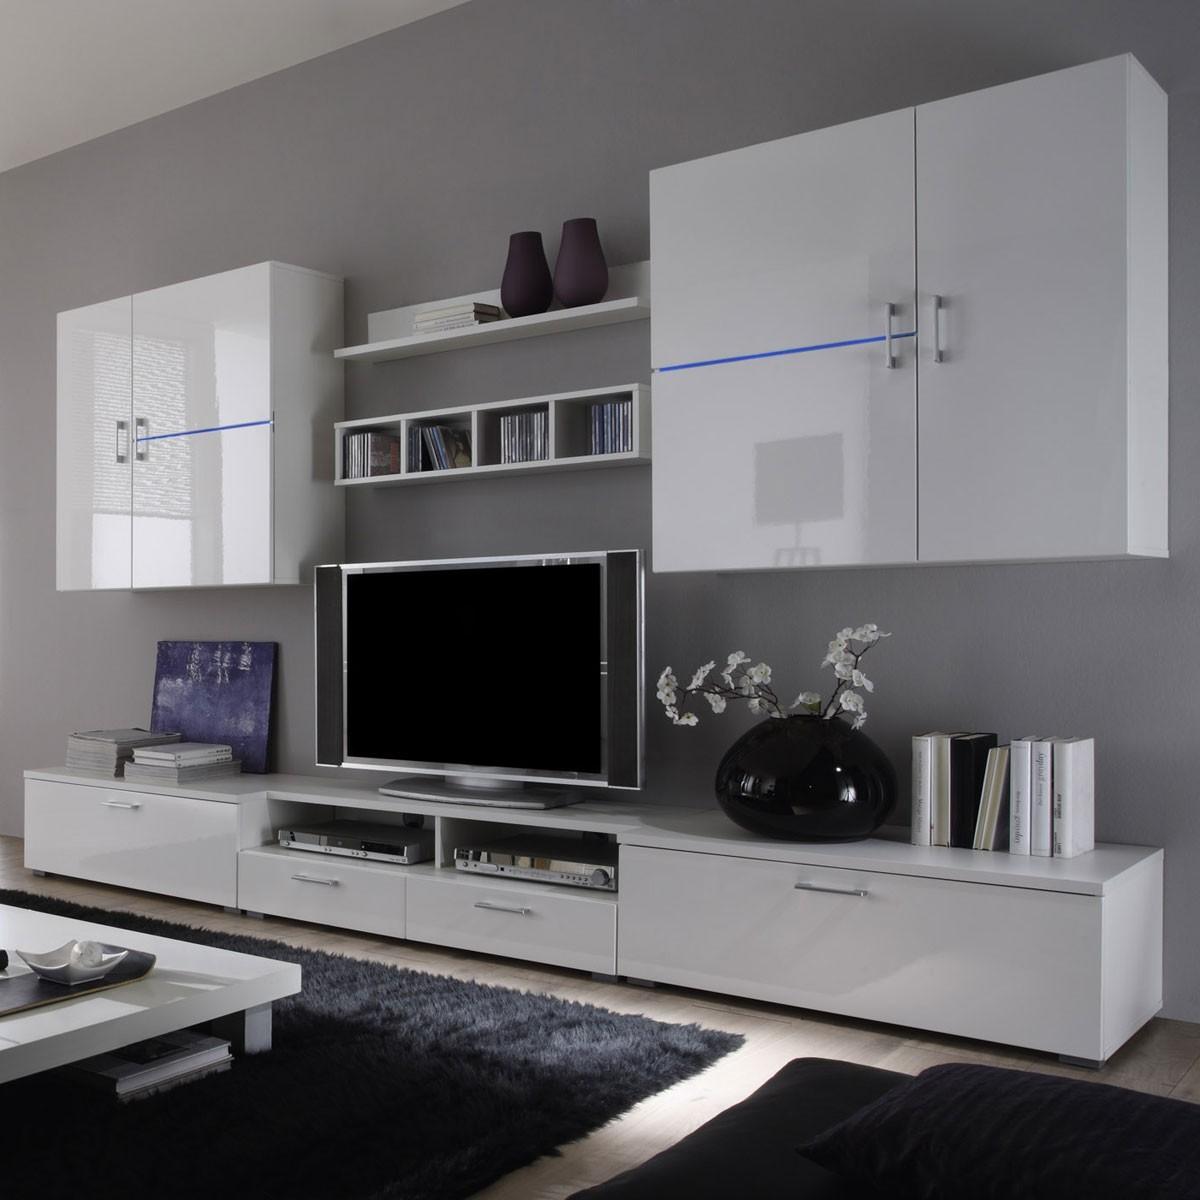 Wohnwand Fernseher H?ngend : Die Wohnwand Linea II besticht mit einem modernen Design und wirkt